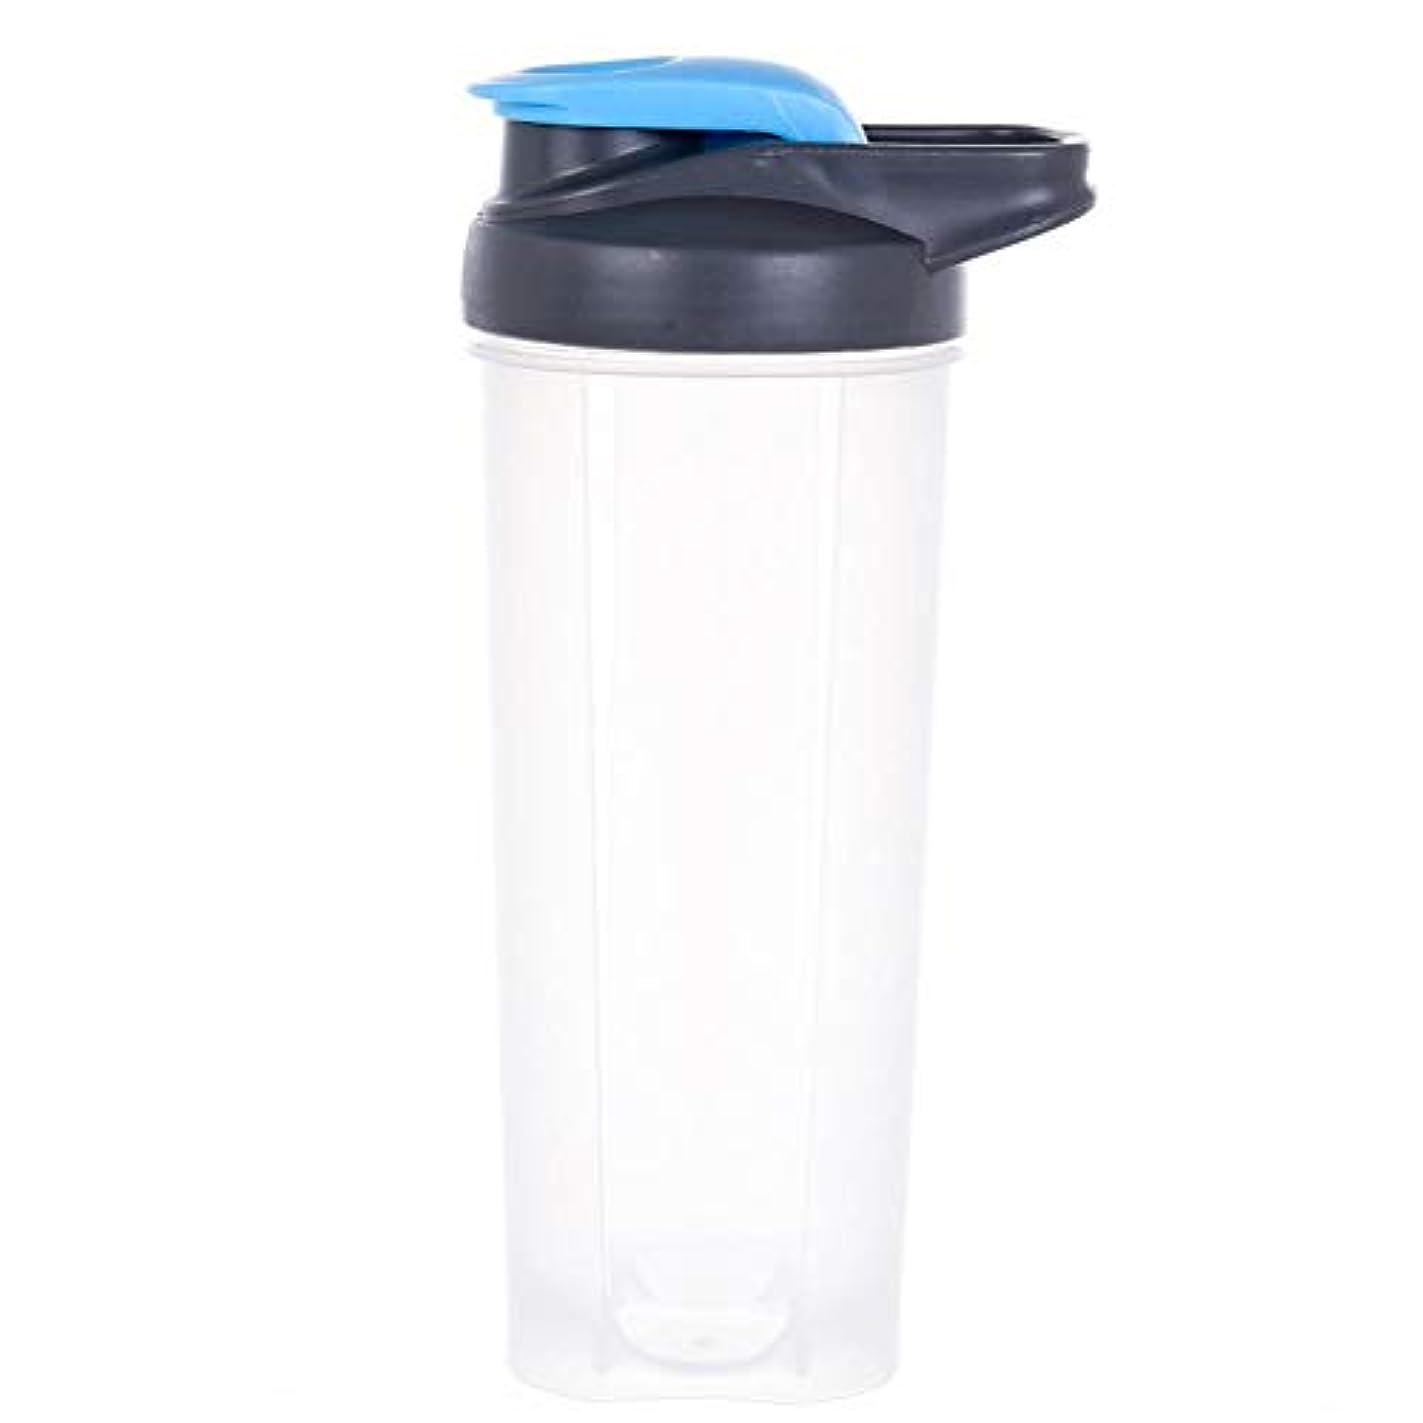 海外でニッケル韓国ハンドル 蛋白質 粉 飲料 薬 混合の撹拌のびんが付いている 水差しの振動のコップ